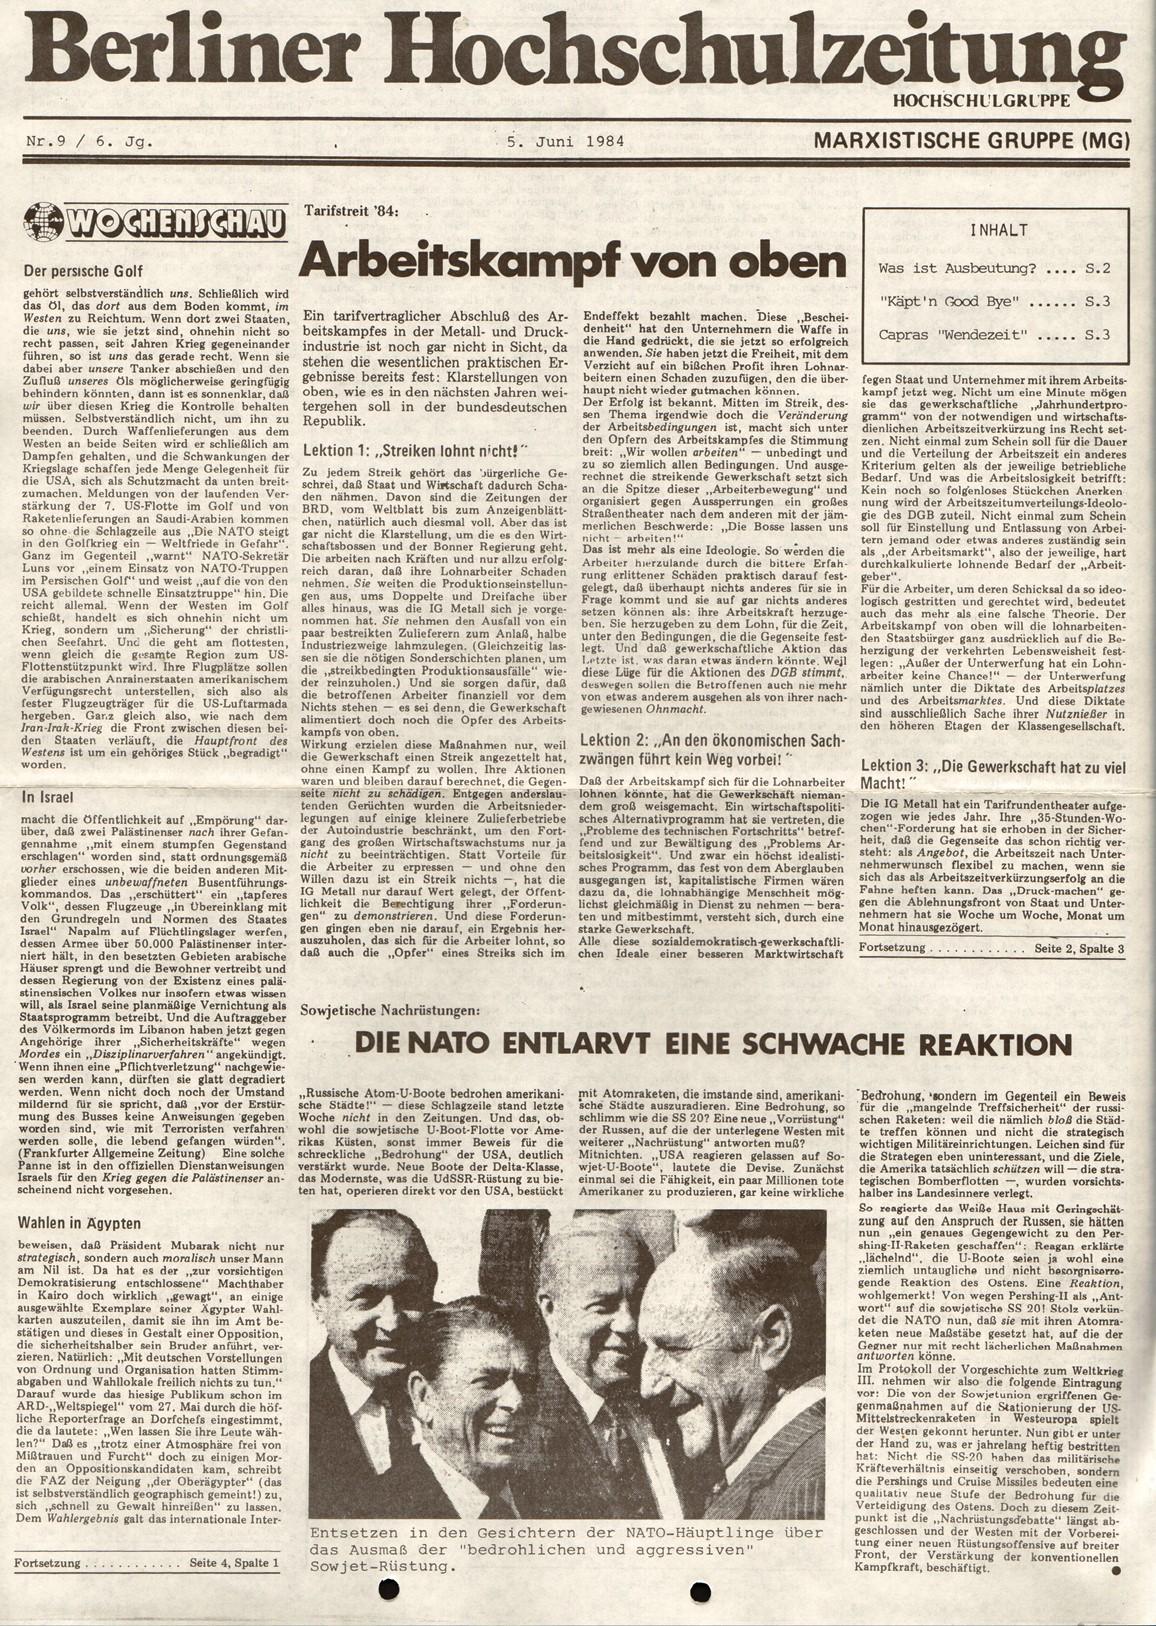 Berlin_MG_Hochschulzeitung_19840605_01